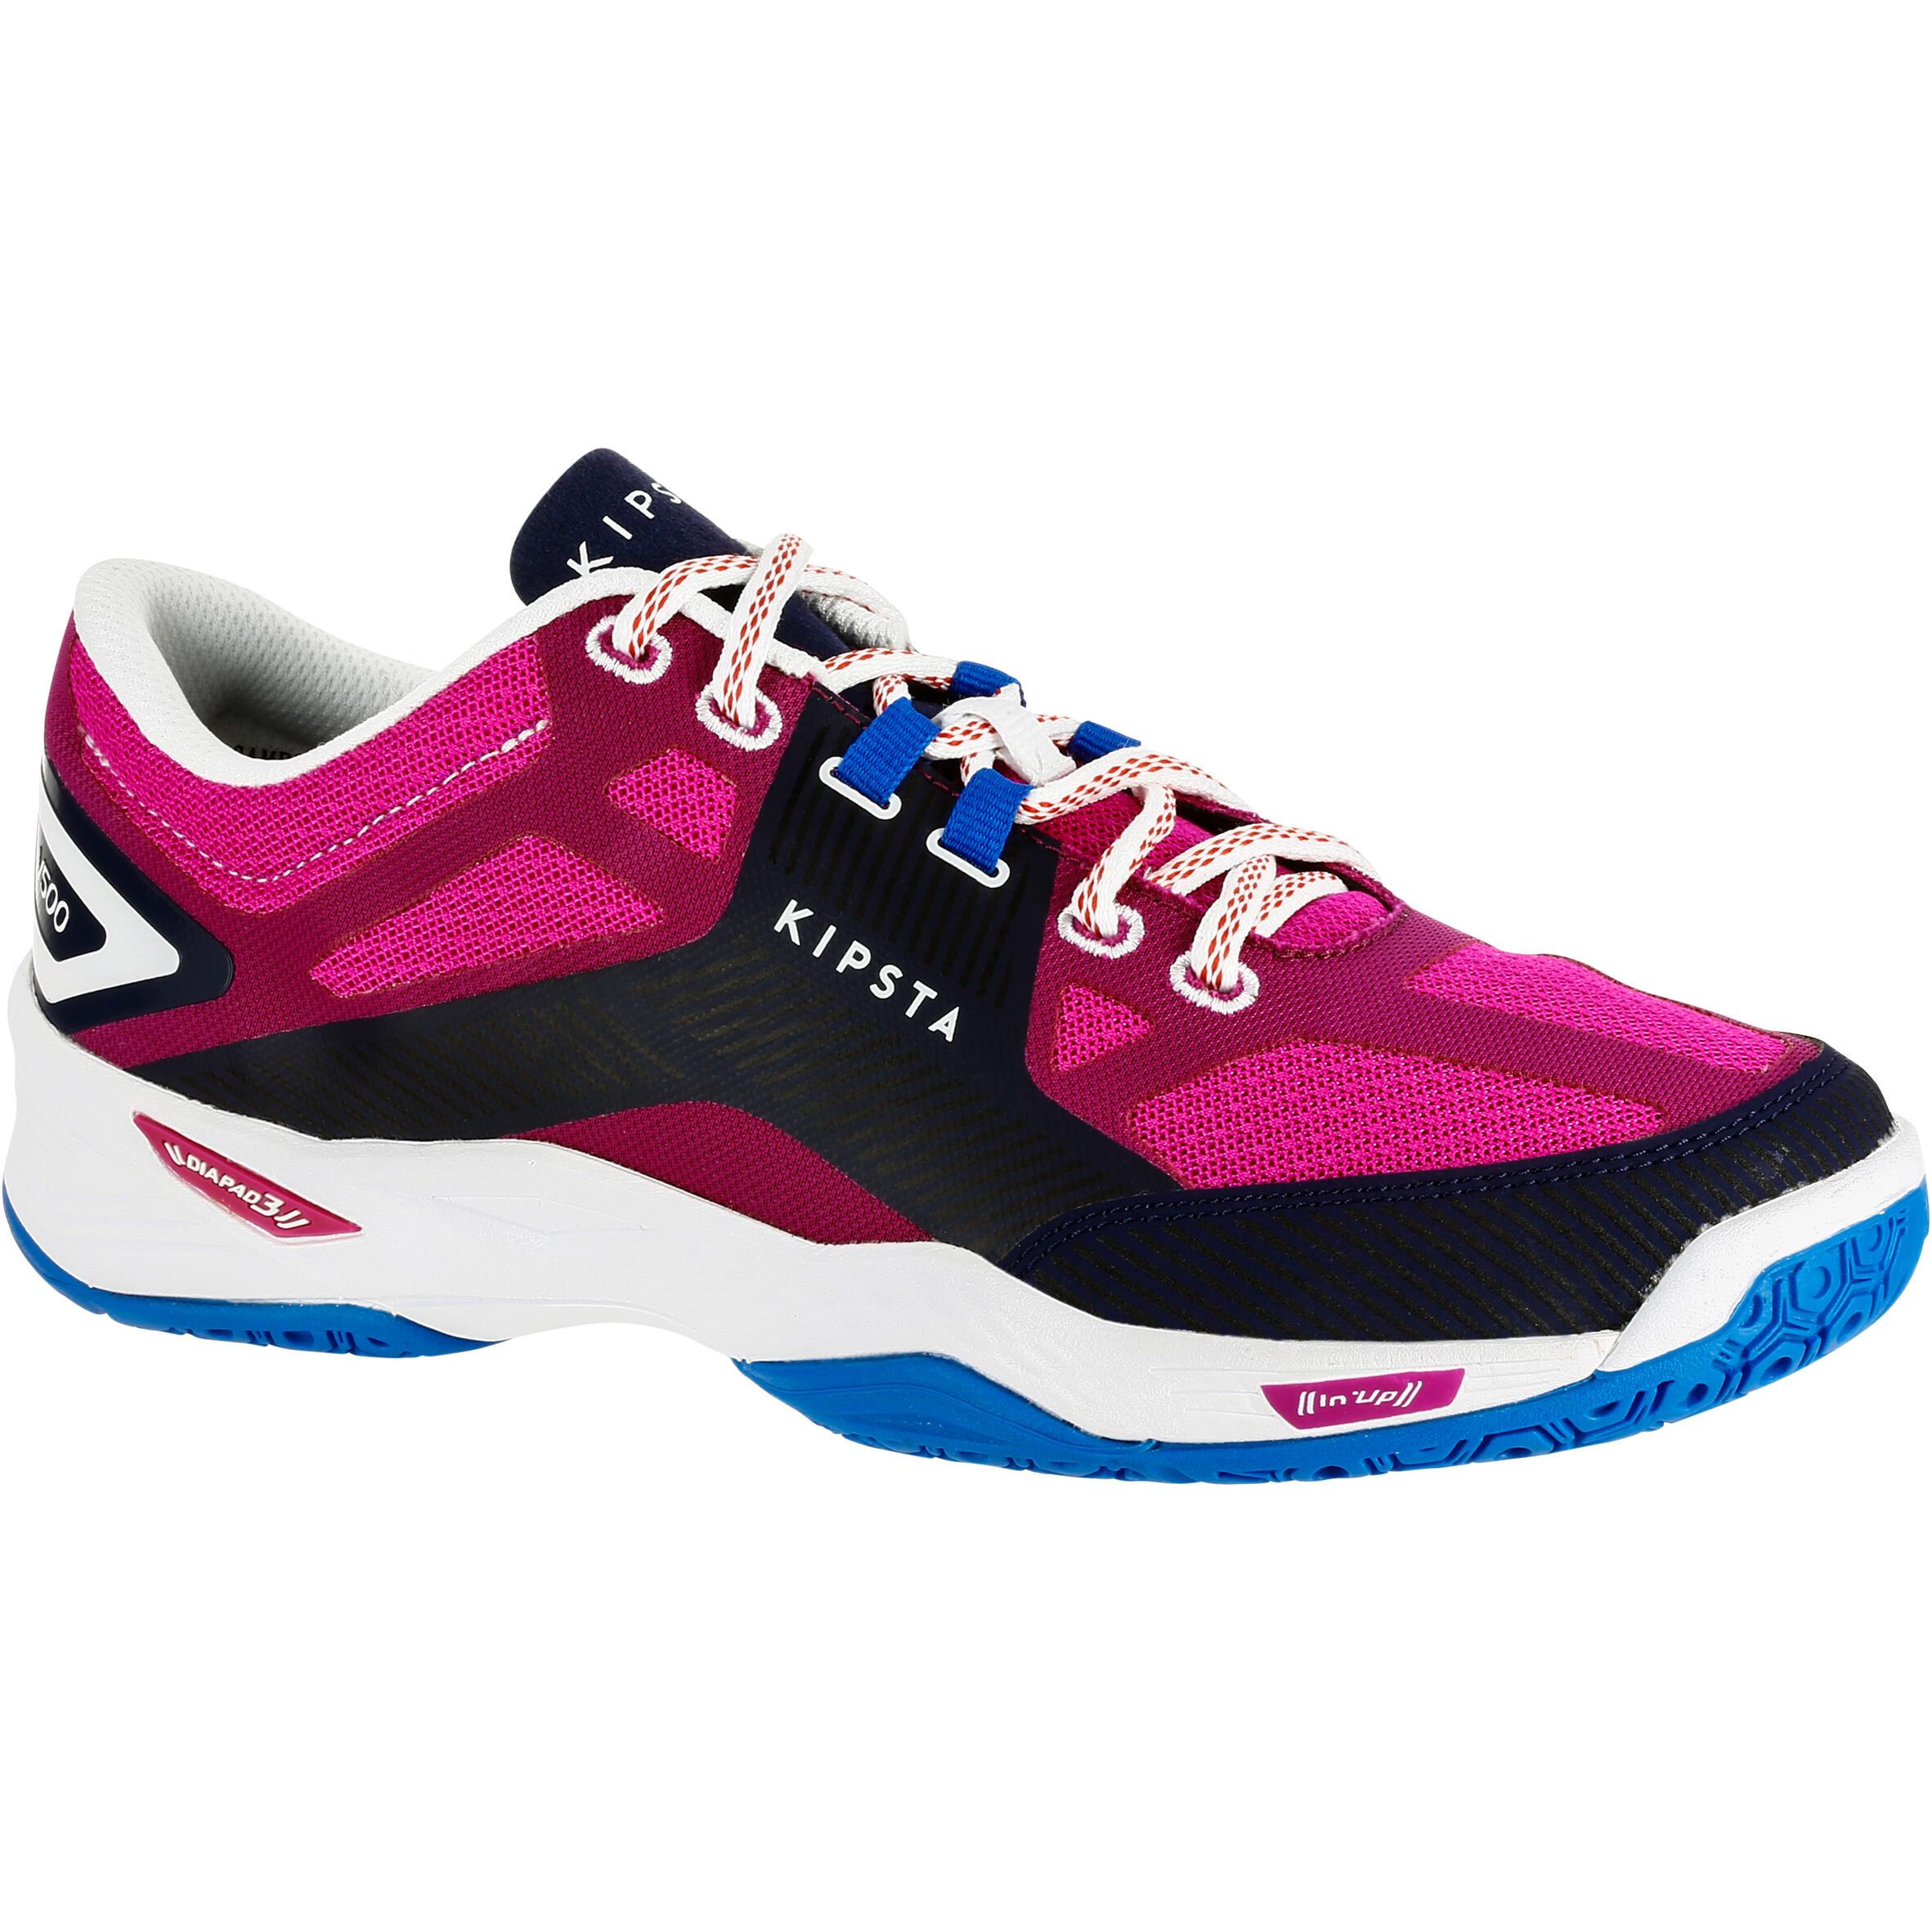 Zapatillas de voleibol V500 para mujer azules y rosa